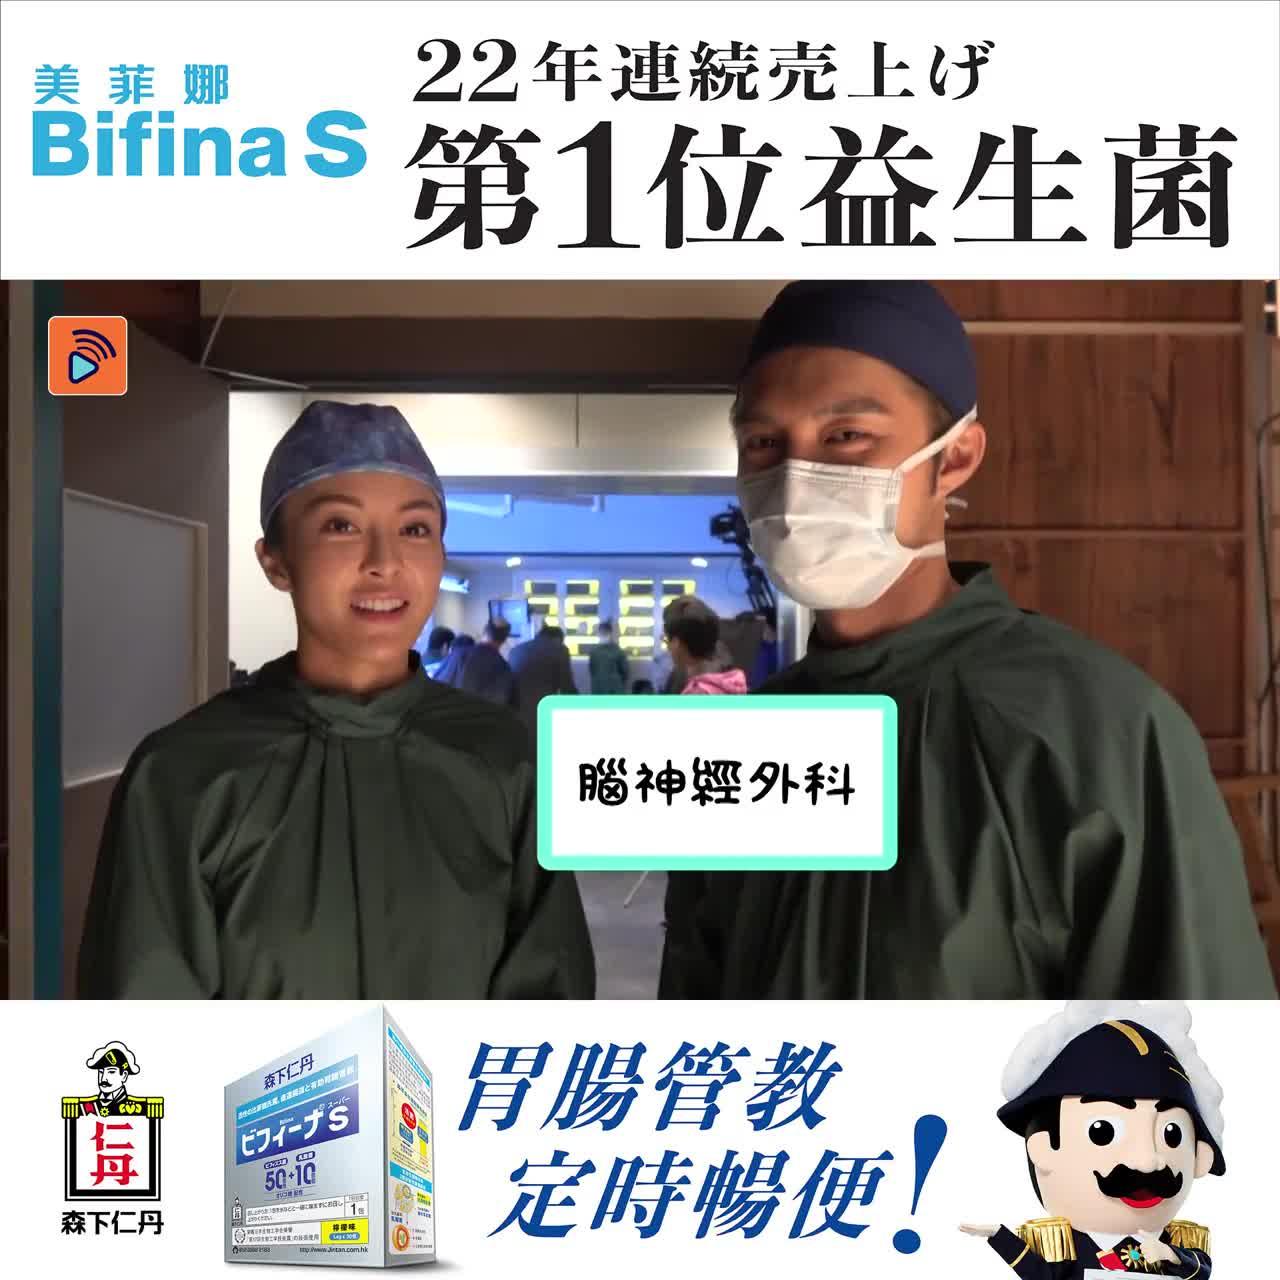 張曦雯 黃嘉樂話腦神經外科醫生係最叻?!